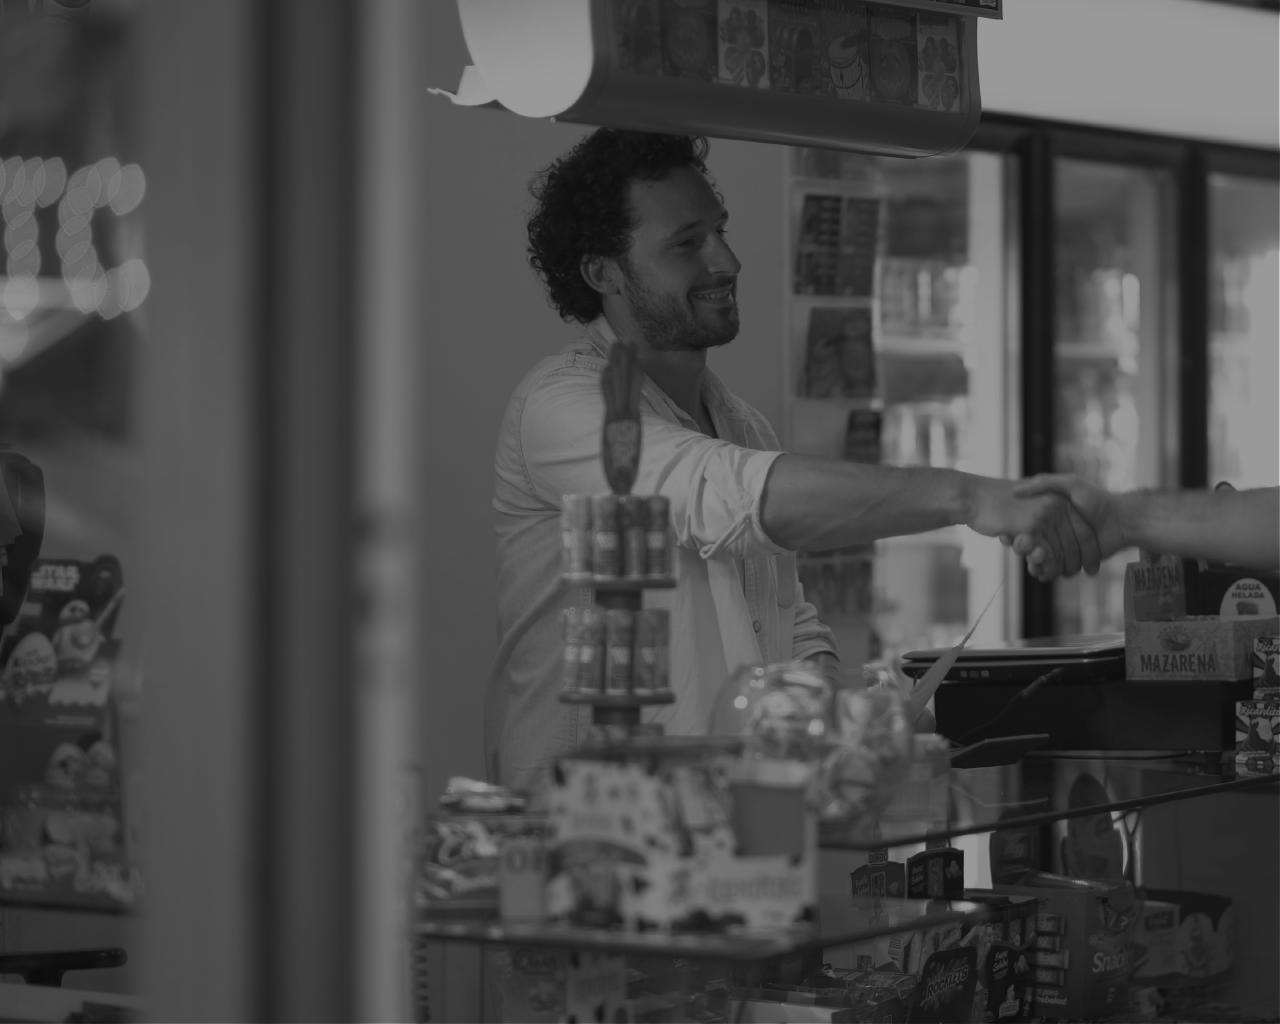 Comercios - Los comercios pueden depositar efectivo en cualquiera de los canales habilitados de la red de agentes RedCloud y realizar diferentes pagos desde su cuenta digital: pagos a proveedores, empleados y aceptar pagos de sus clientes en el comercio y online (transacciones de e-commerce). Los comercios también pueden convertirse en Agentes RedCloud y generar mayores ingresos.